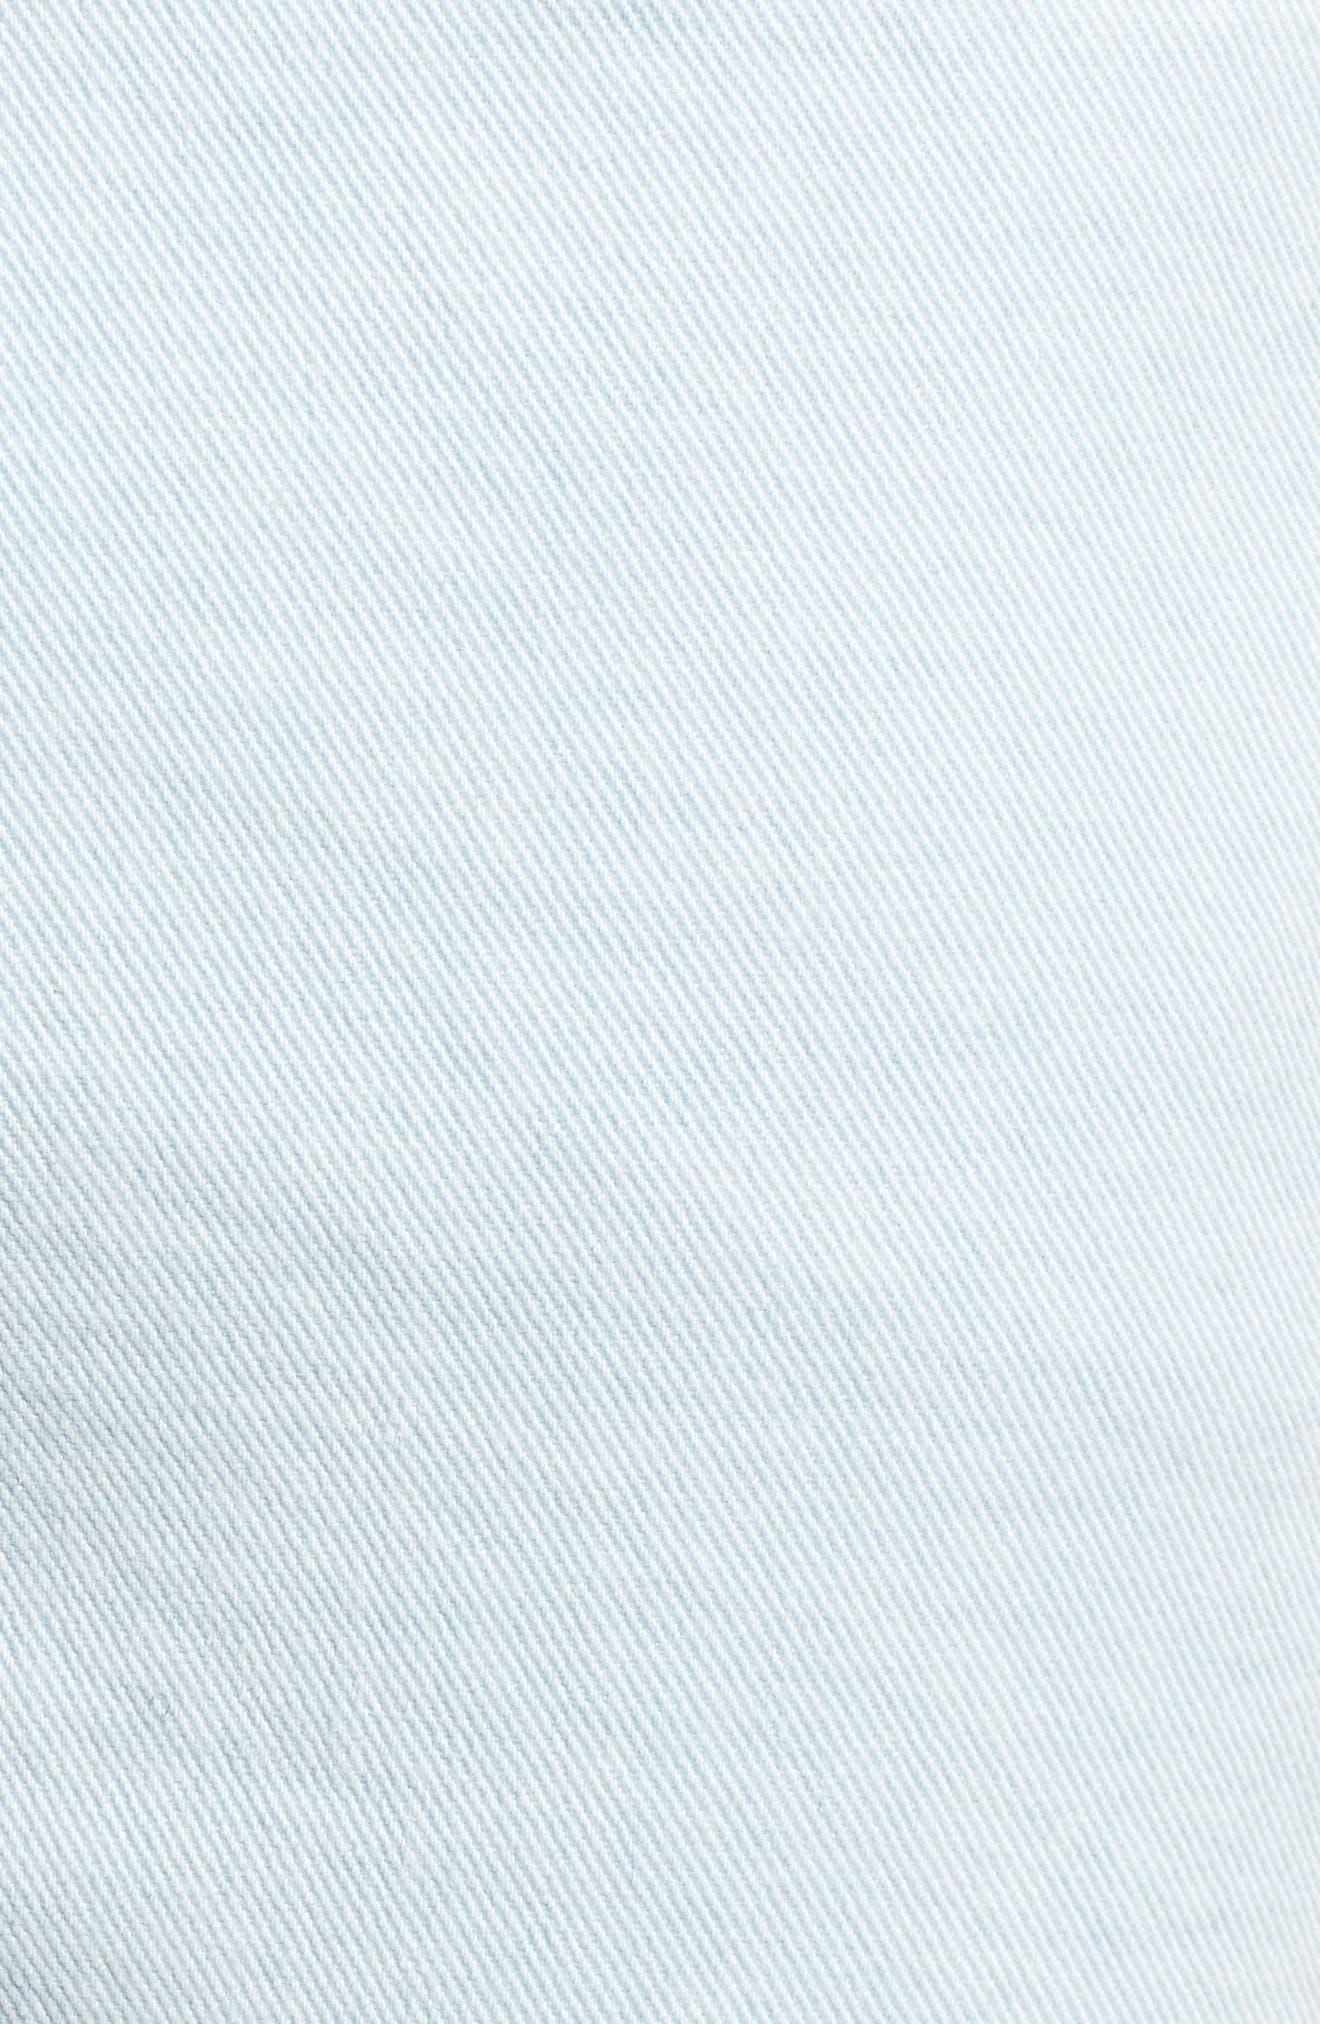 Fit 2 Slim Fit Jeans,                             Alternate thumbnail 5, color,                             Light Blue Pigment